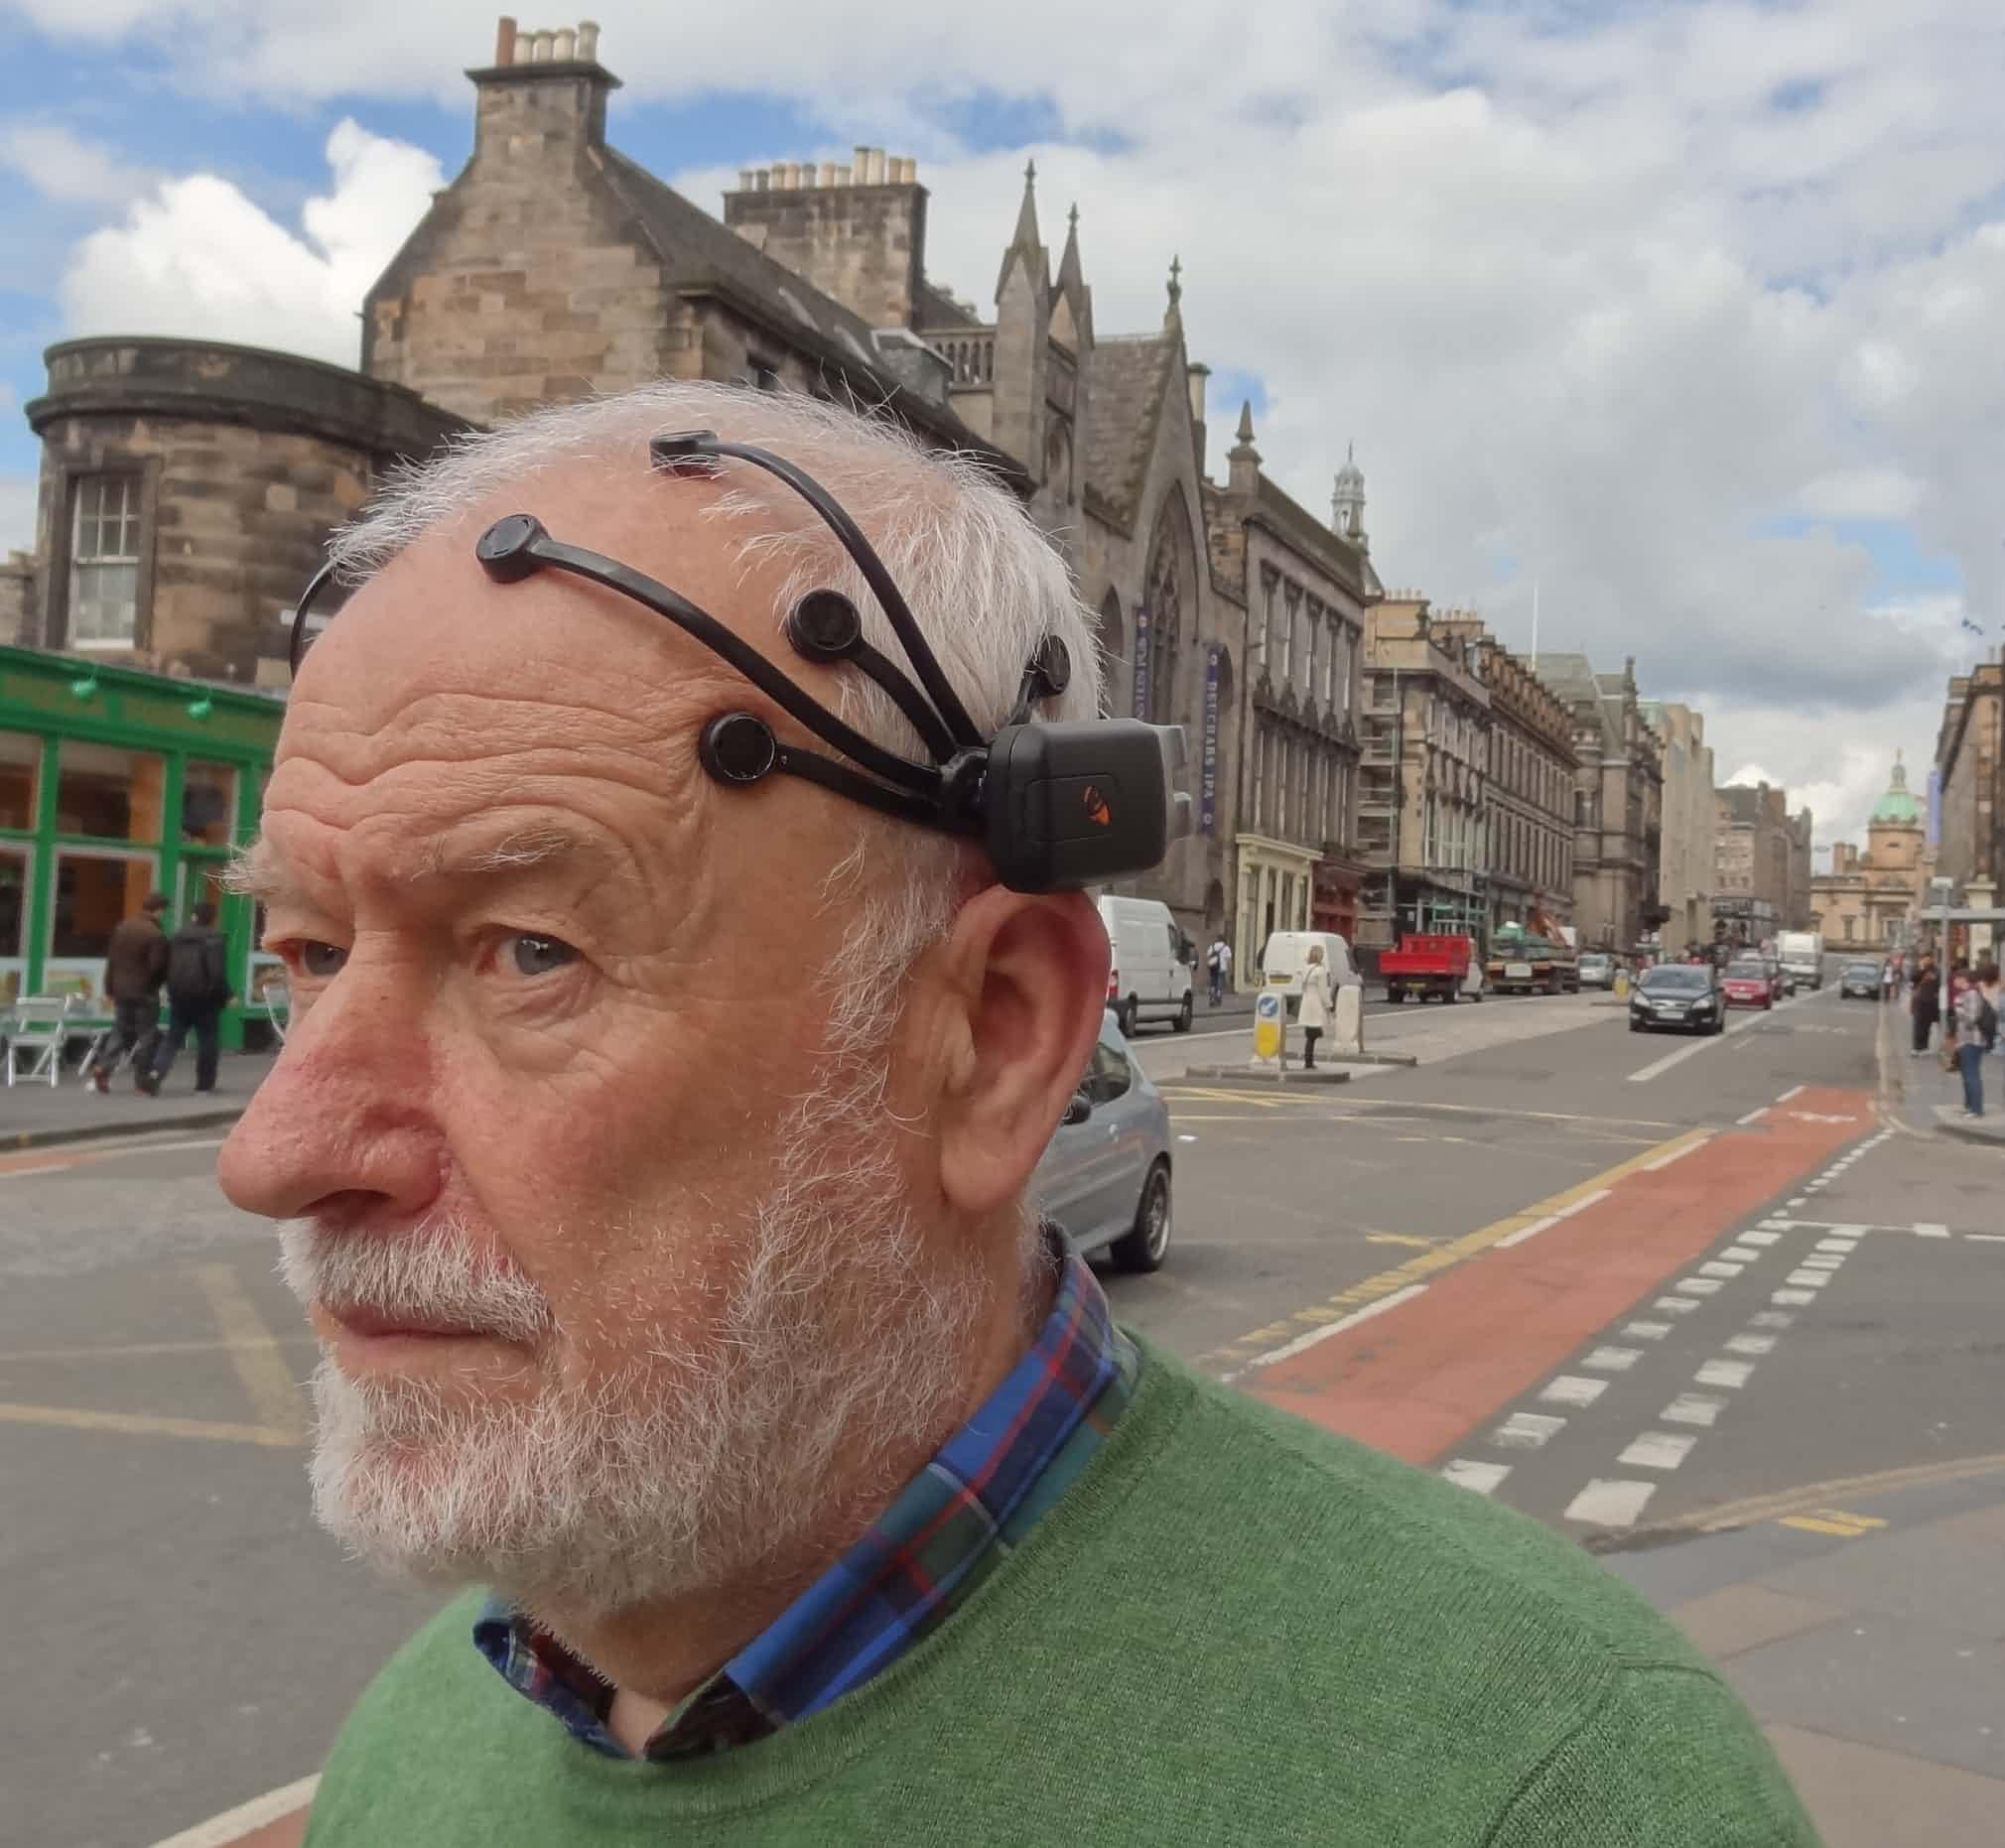 """""""مرد عنکبوتی"""" با دستگاه EEG (الکتروانسفالوگرافی) به سر که جزوی از یک آزمایش است. Richard Coyne از دانشگاه ادینبورگ"""